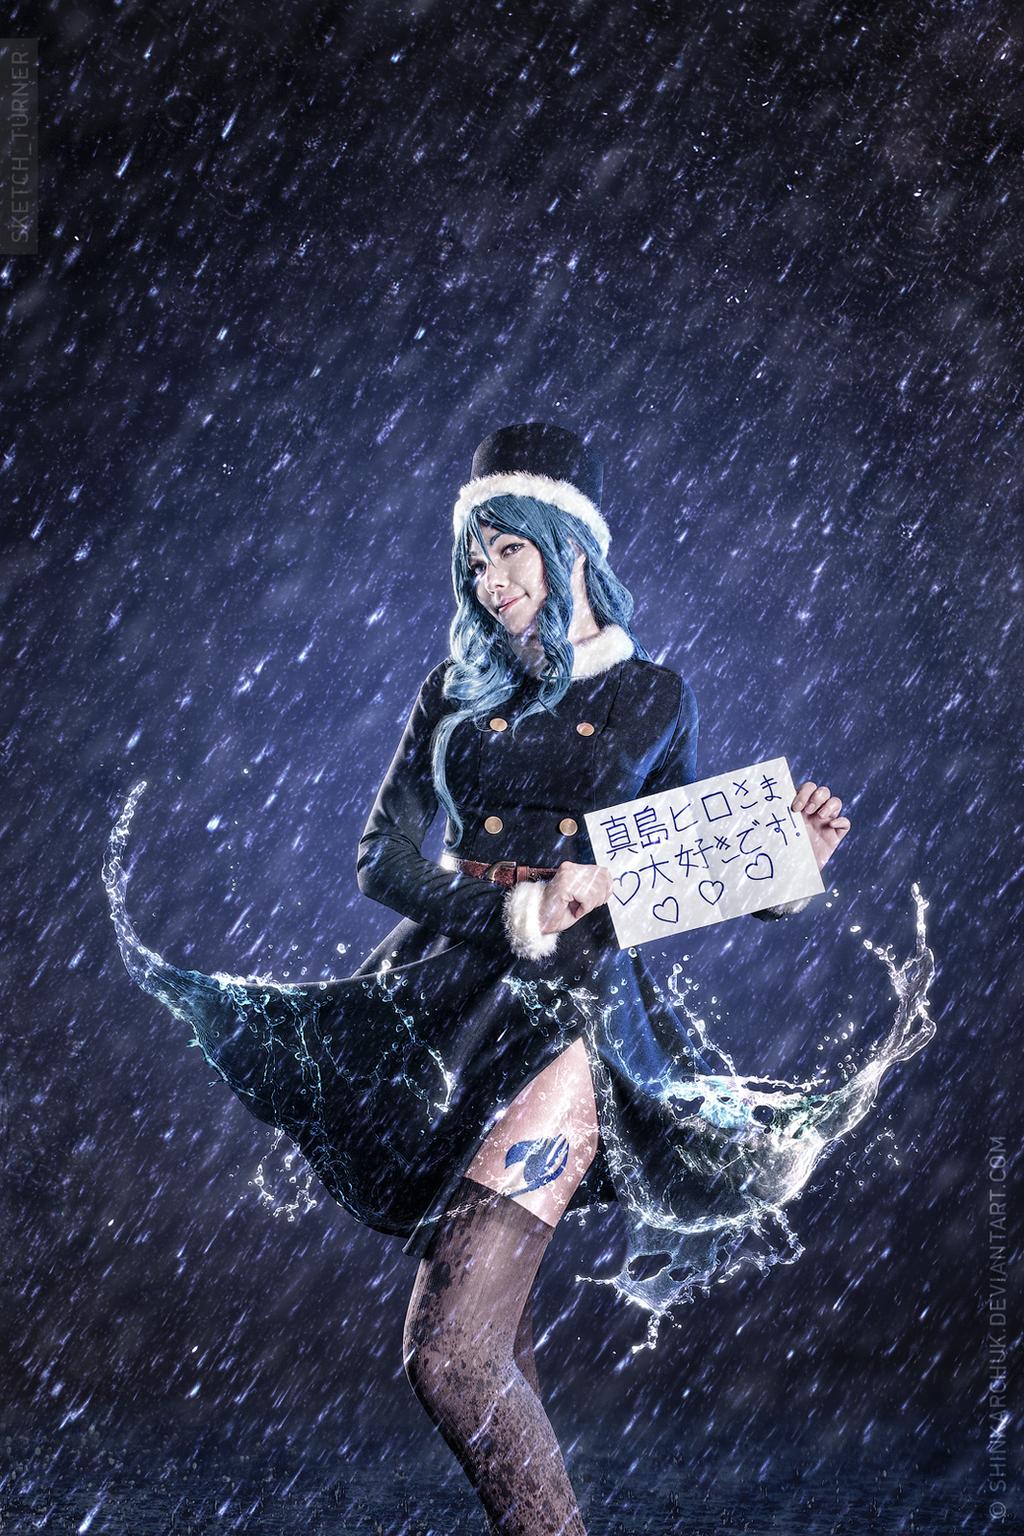 Fairy Tail: Juvia Lockser by Shinkarchuk